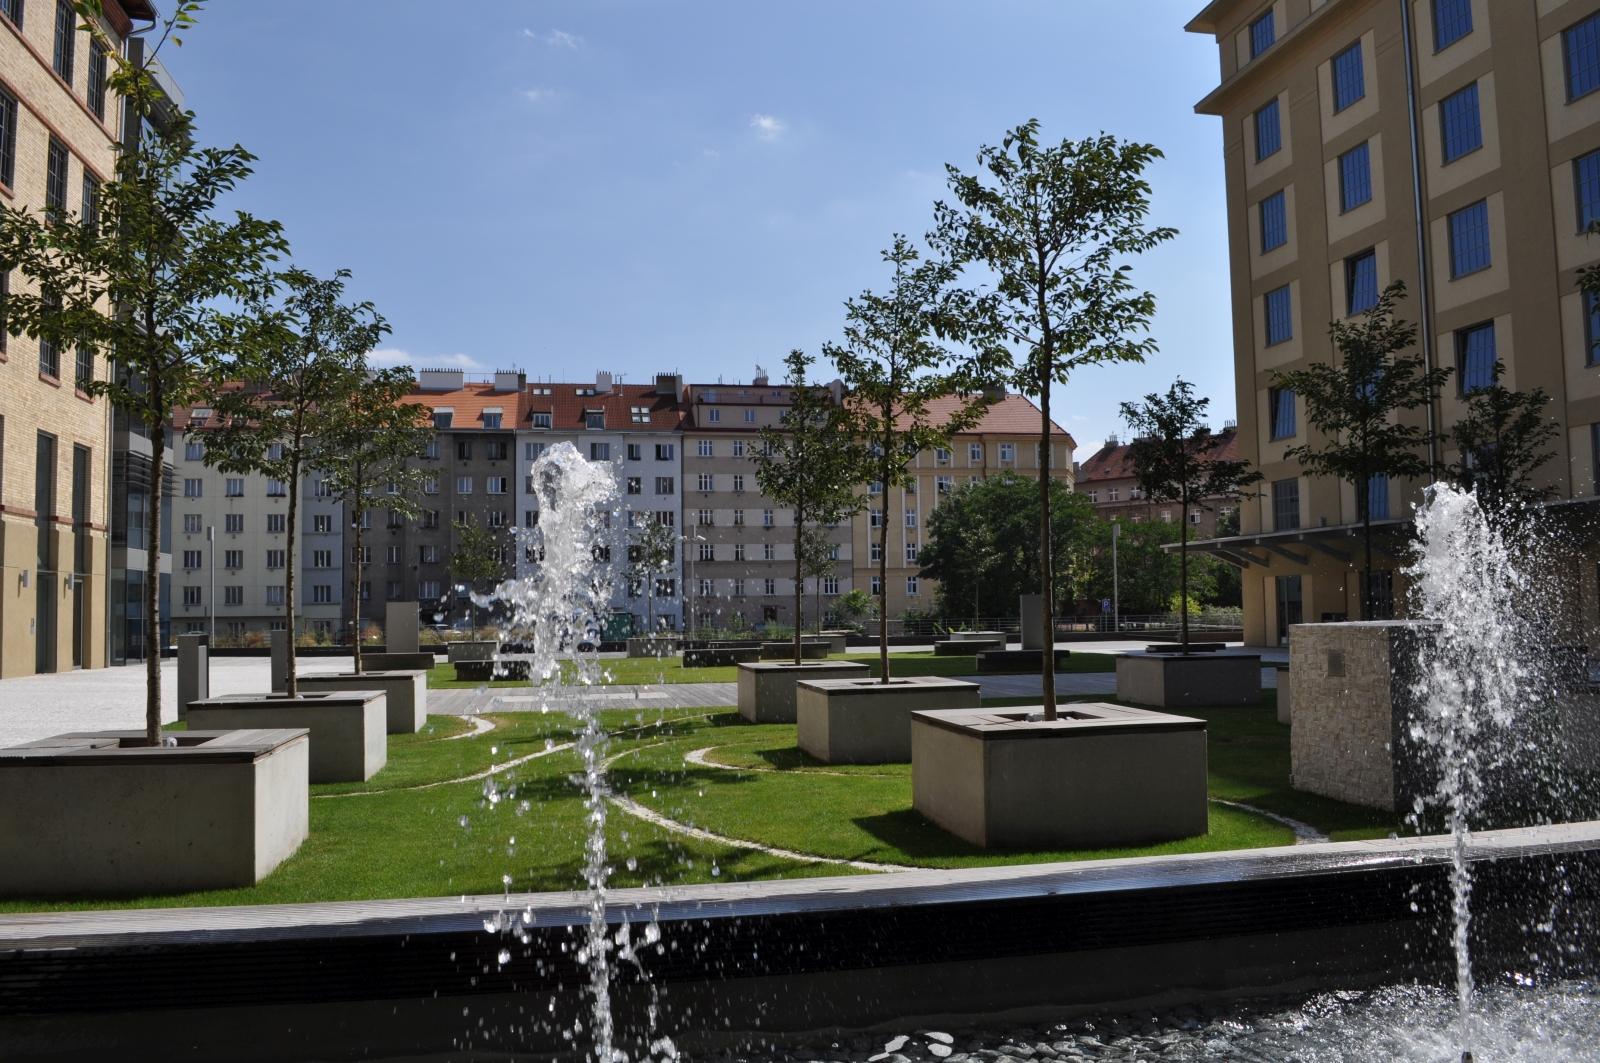 Střešní zahrada přinese přírodu do města